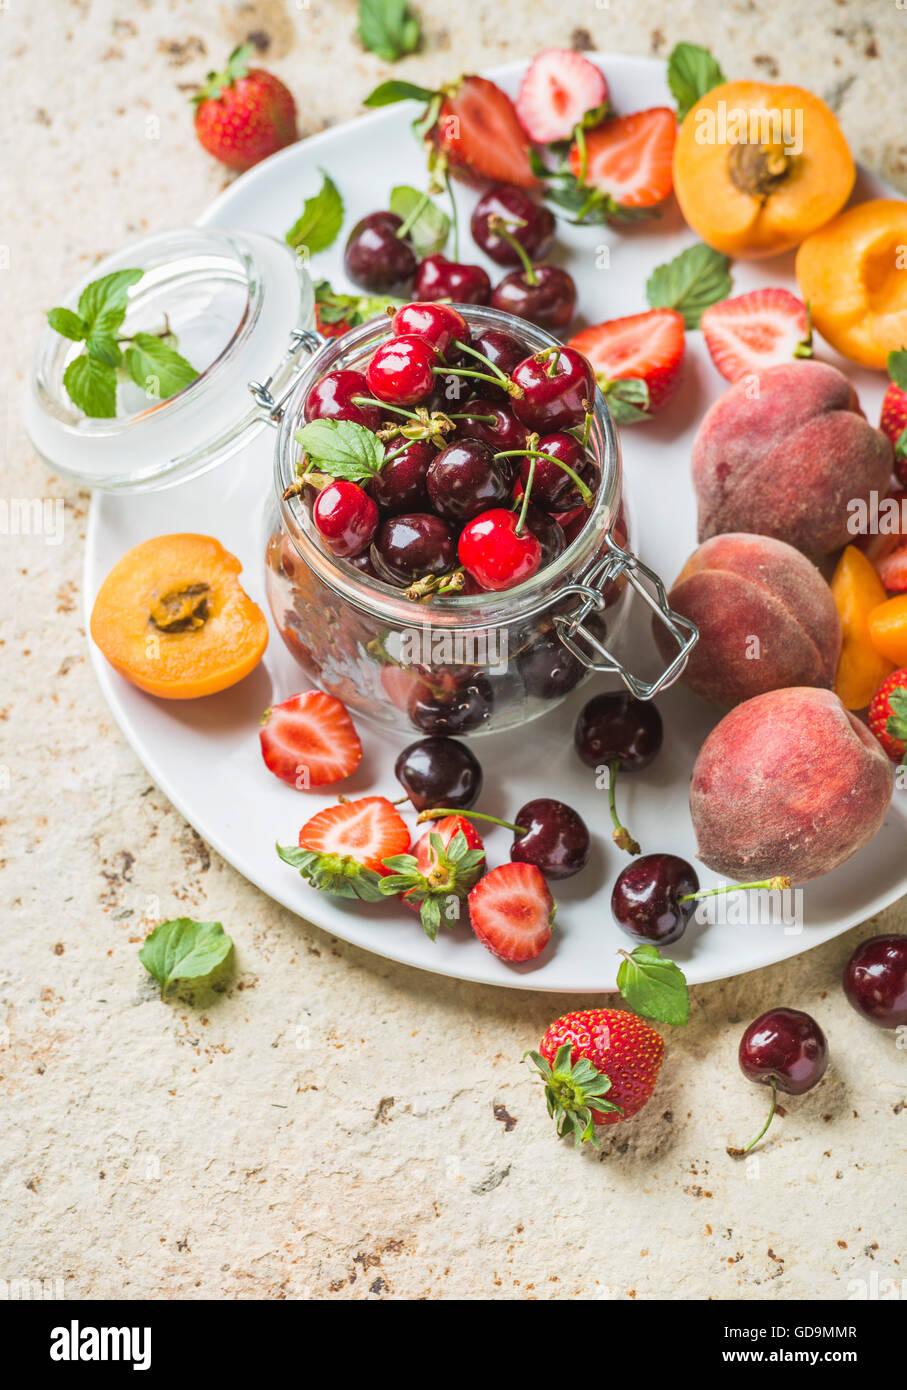 Sana frutta estiva varietà. Dolce di ciliegie, di pesche e fragole su bianco che serve la piastra al di sopra Immagini Stock